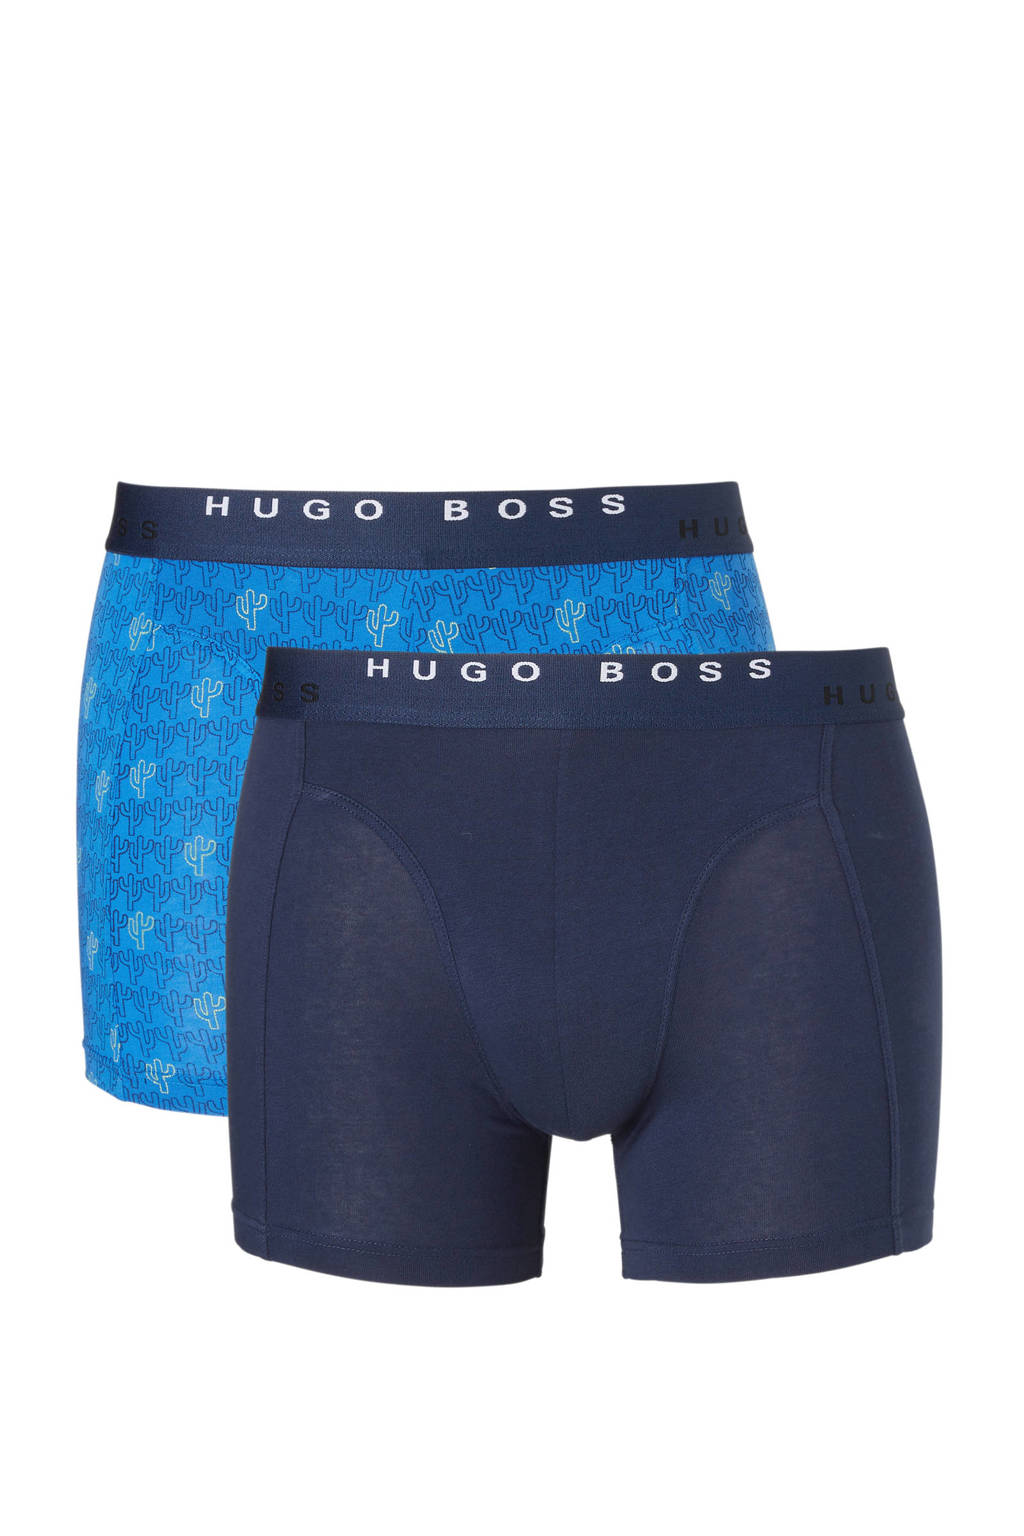 Boss boxershort - set van 2, Blauw